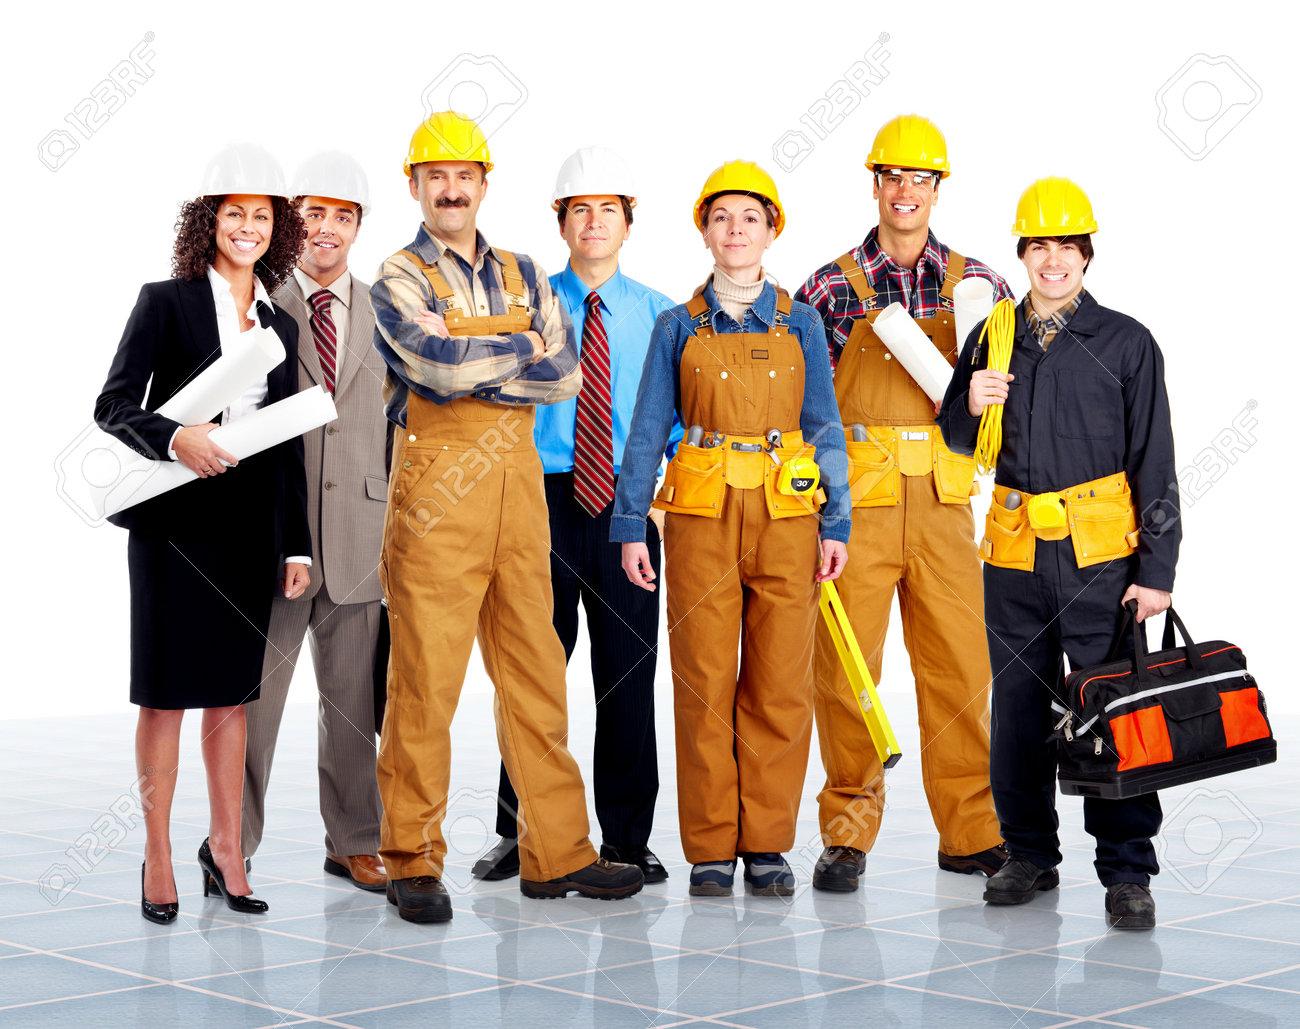 worker stock - Ex